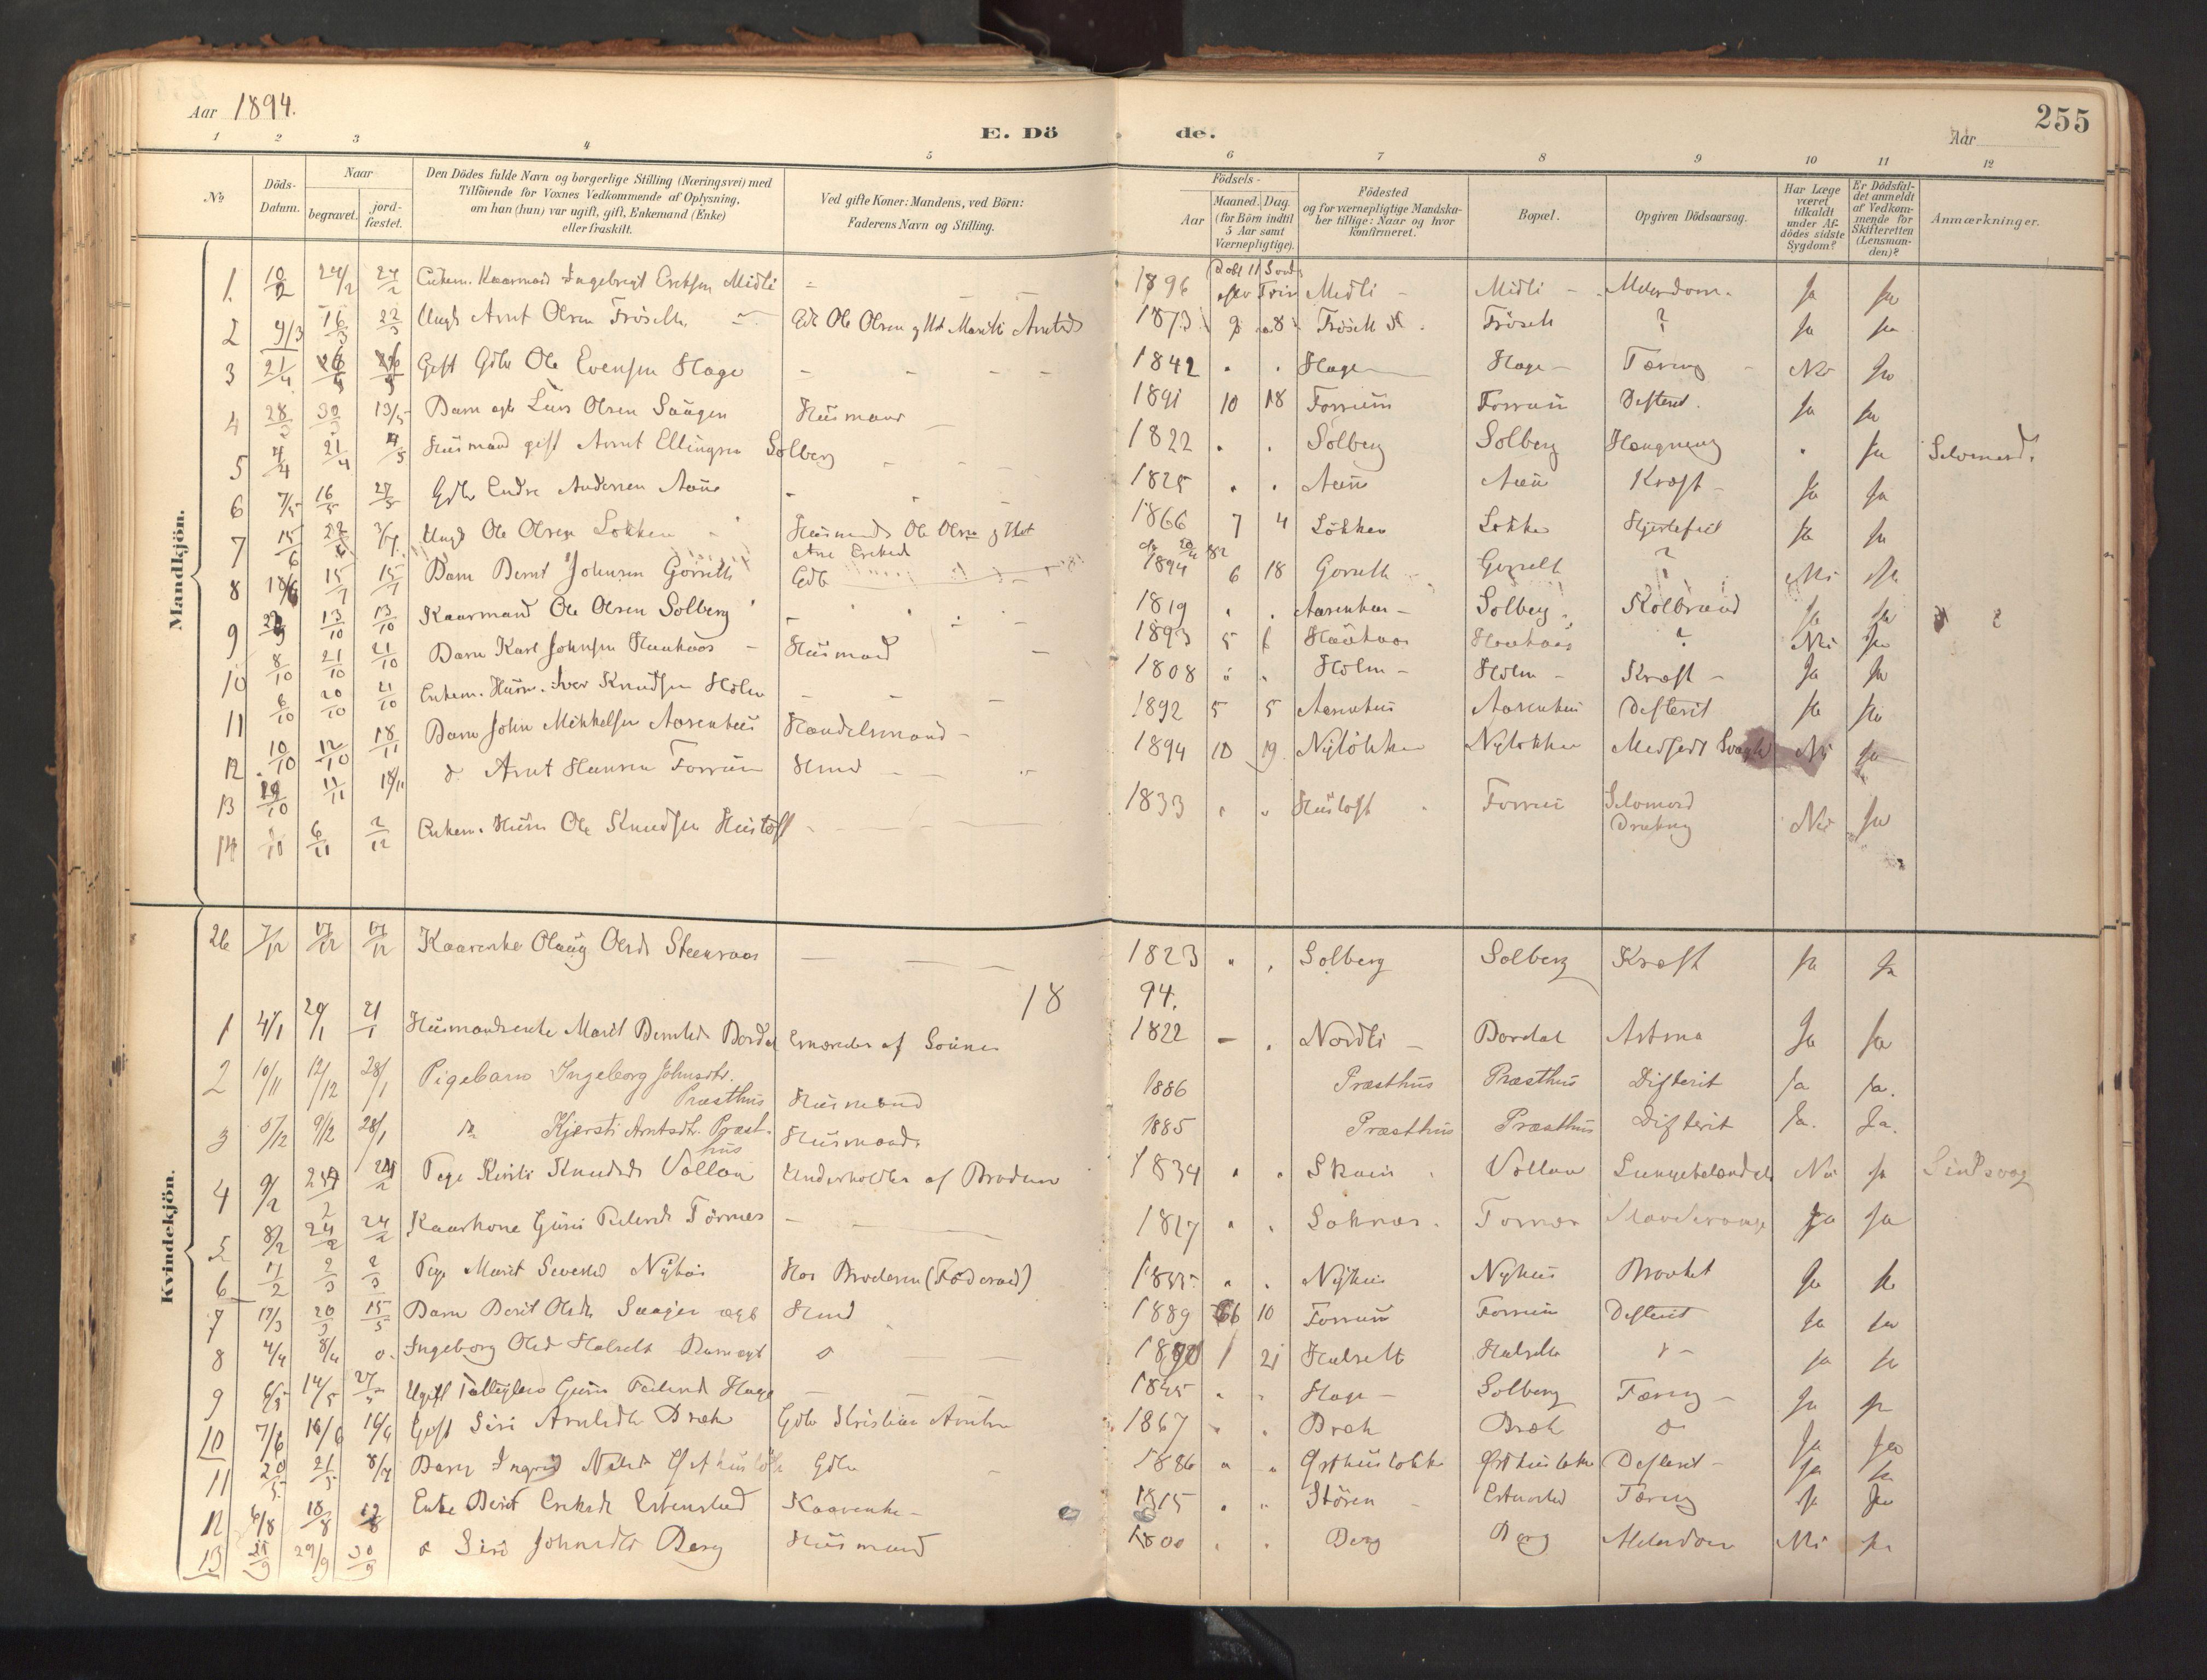 SAT, Ministerialprotokoller, klokkerbøker og fødselsregistre - Sør-Trøndelag, 689/L1041: Ministerialbok nr. 689A06, 1891-1923, s. 255